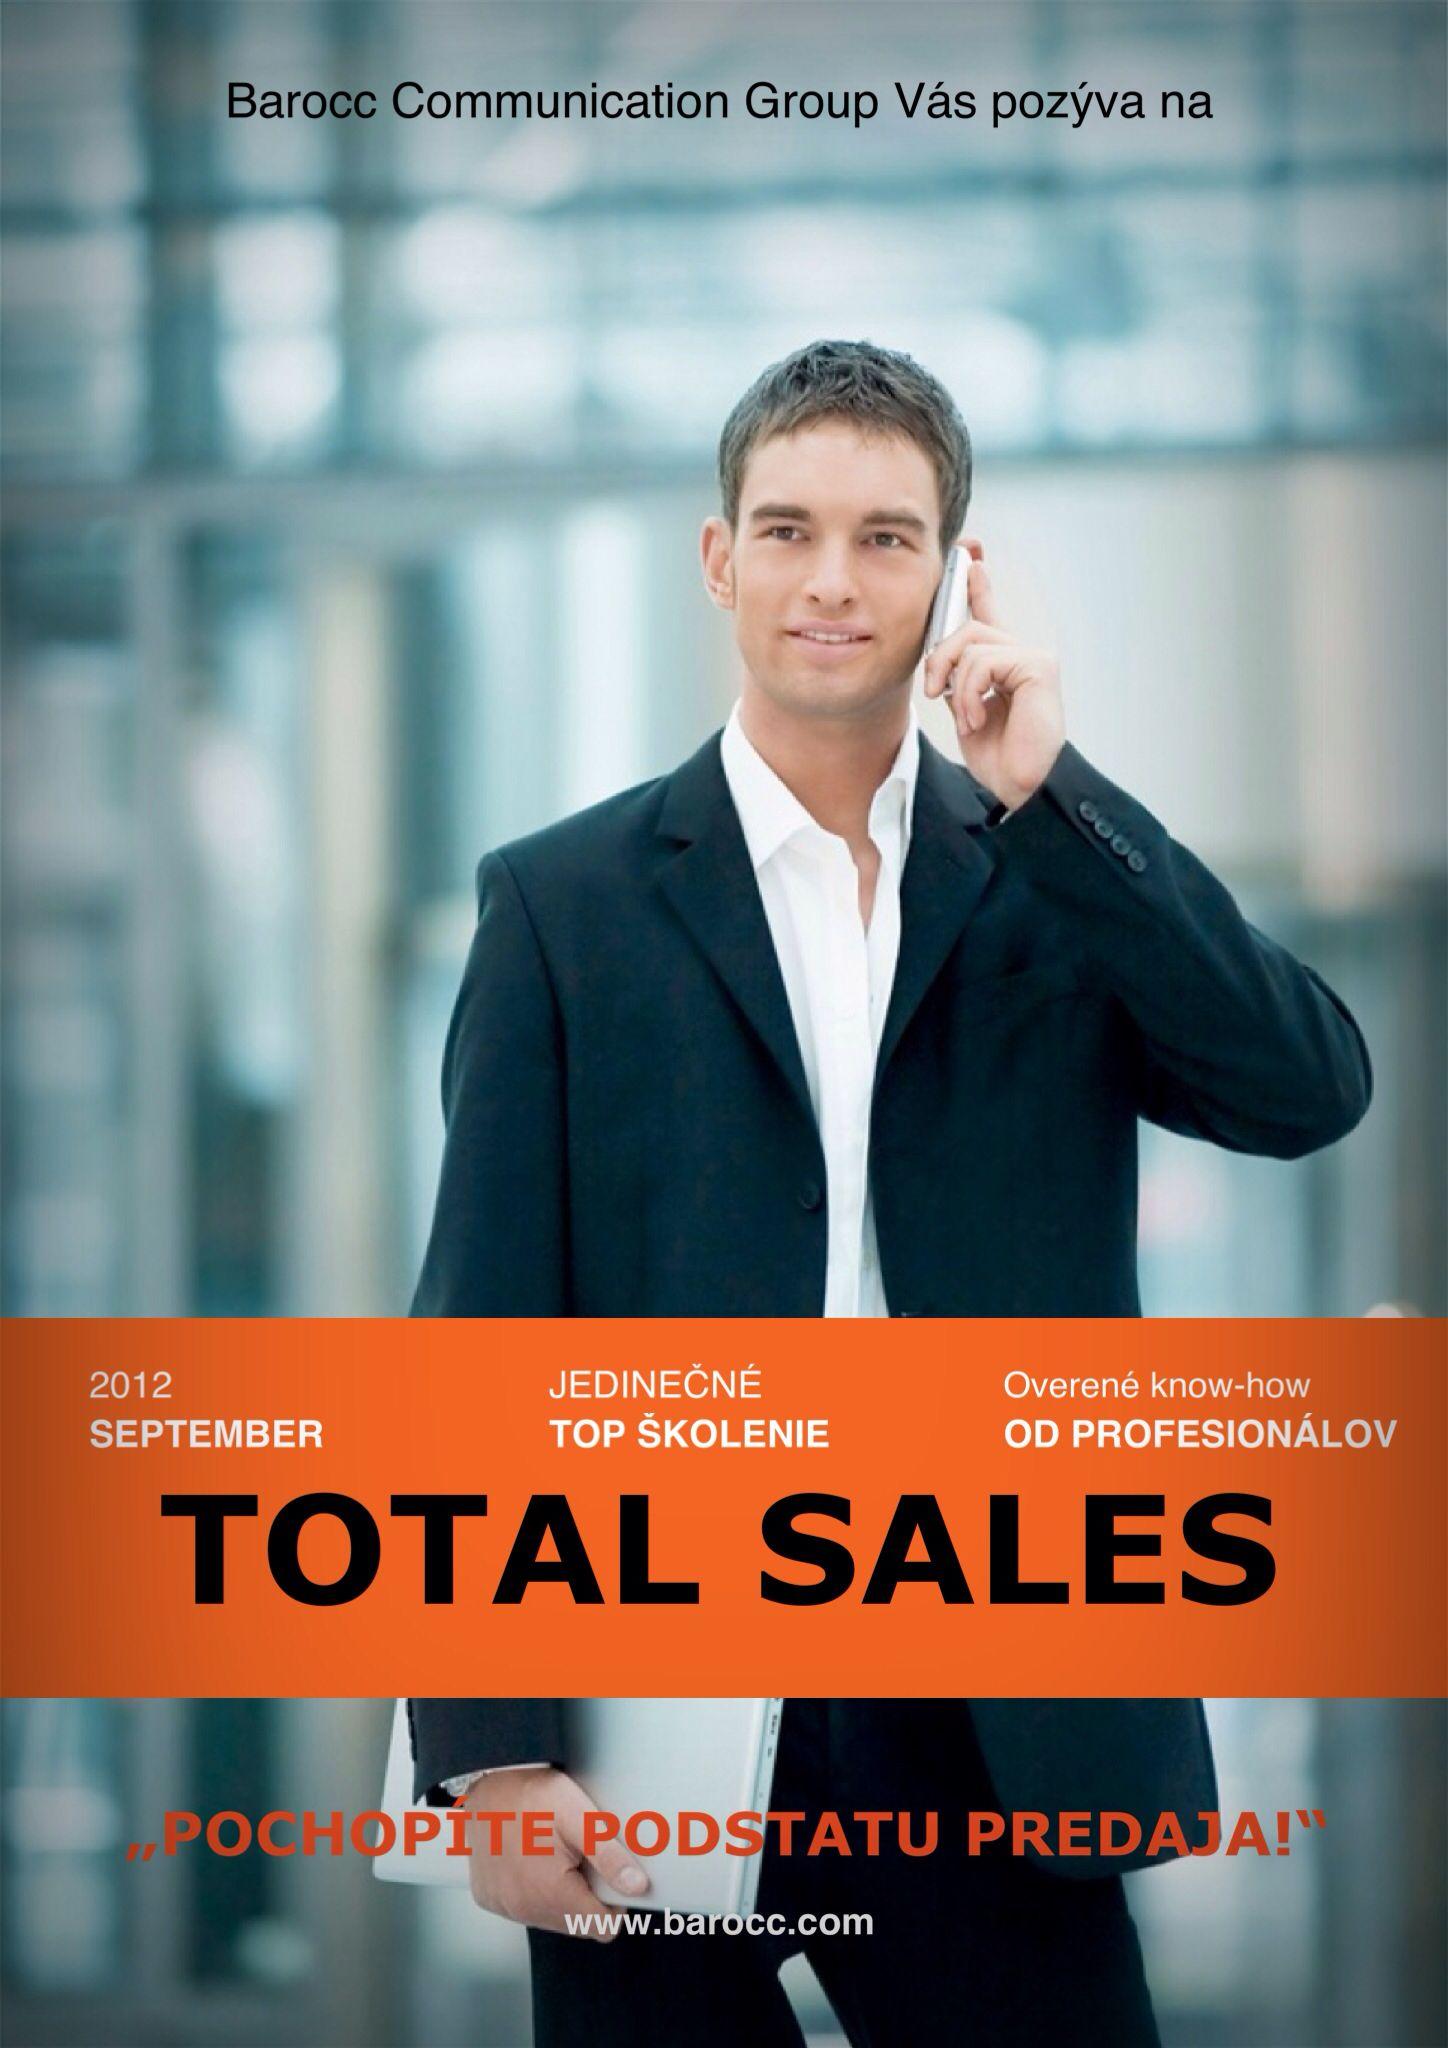 Naše prvé otvorené školenie sa konalo ešte v septembri v roku 2012 a stretlo sa s fenomenálnym ohlasom u viac ako 30 prihlásených účastníkov.  Séria TOTAL SALES sa zameriava na odovzdávanie relevantných poznatkov, techník a postupov, slúžiacich pre rozvoj predajných zručností a komunikácie so zákazníkmi.